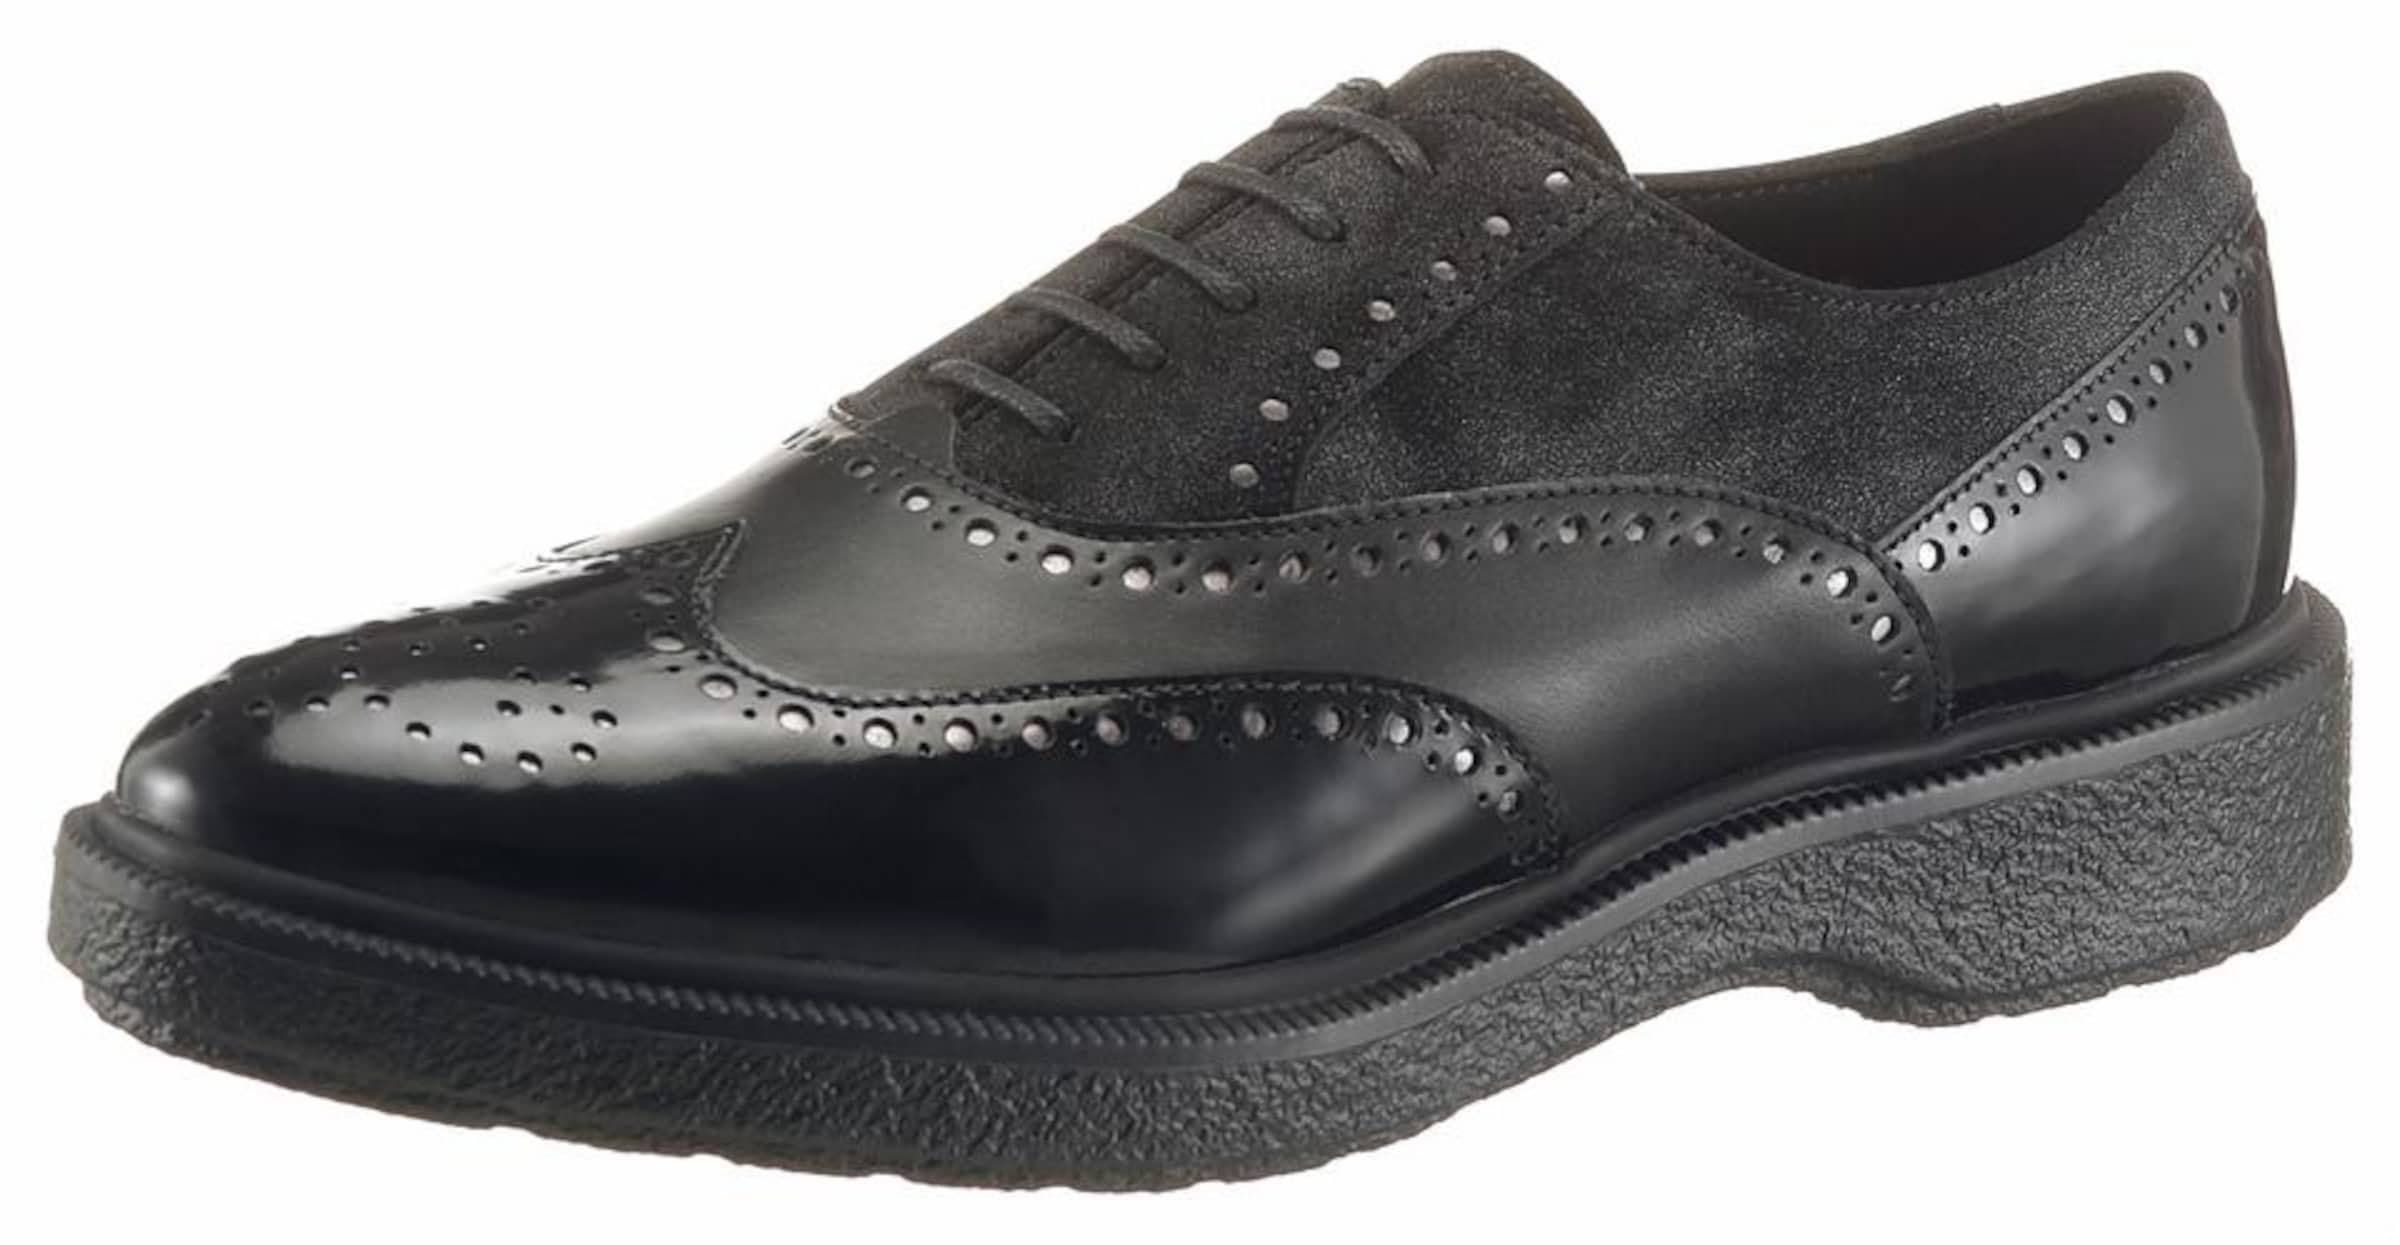 GEOX Schnürschuh Verschleißfeste billige Schuhe Hohe Qualität